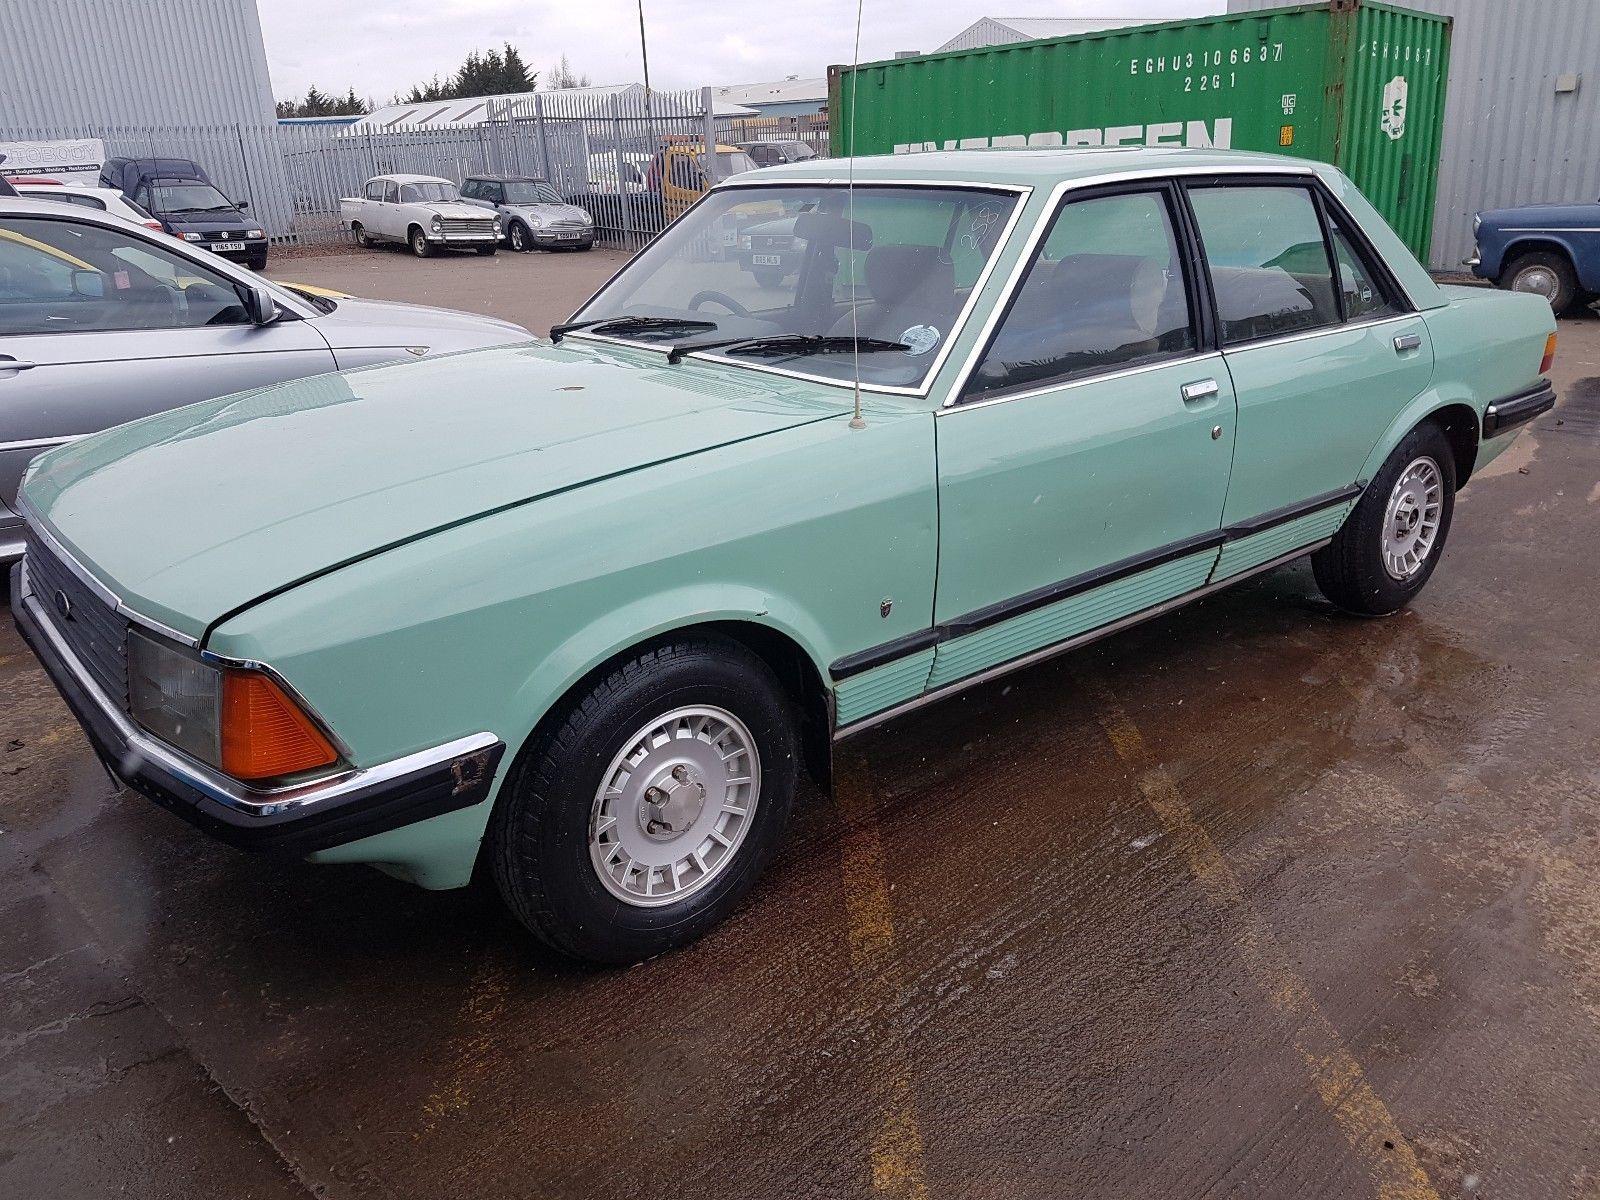 eBay: 1981 FORD GRANADA MK2 3.0 GHIA AUTO- RHD Import Very Solid  #classiccars